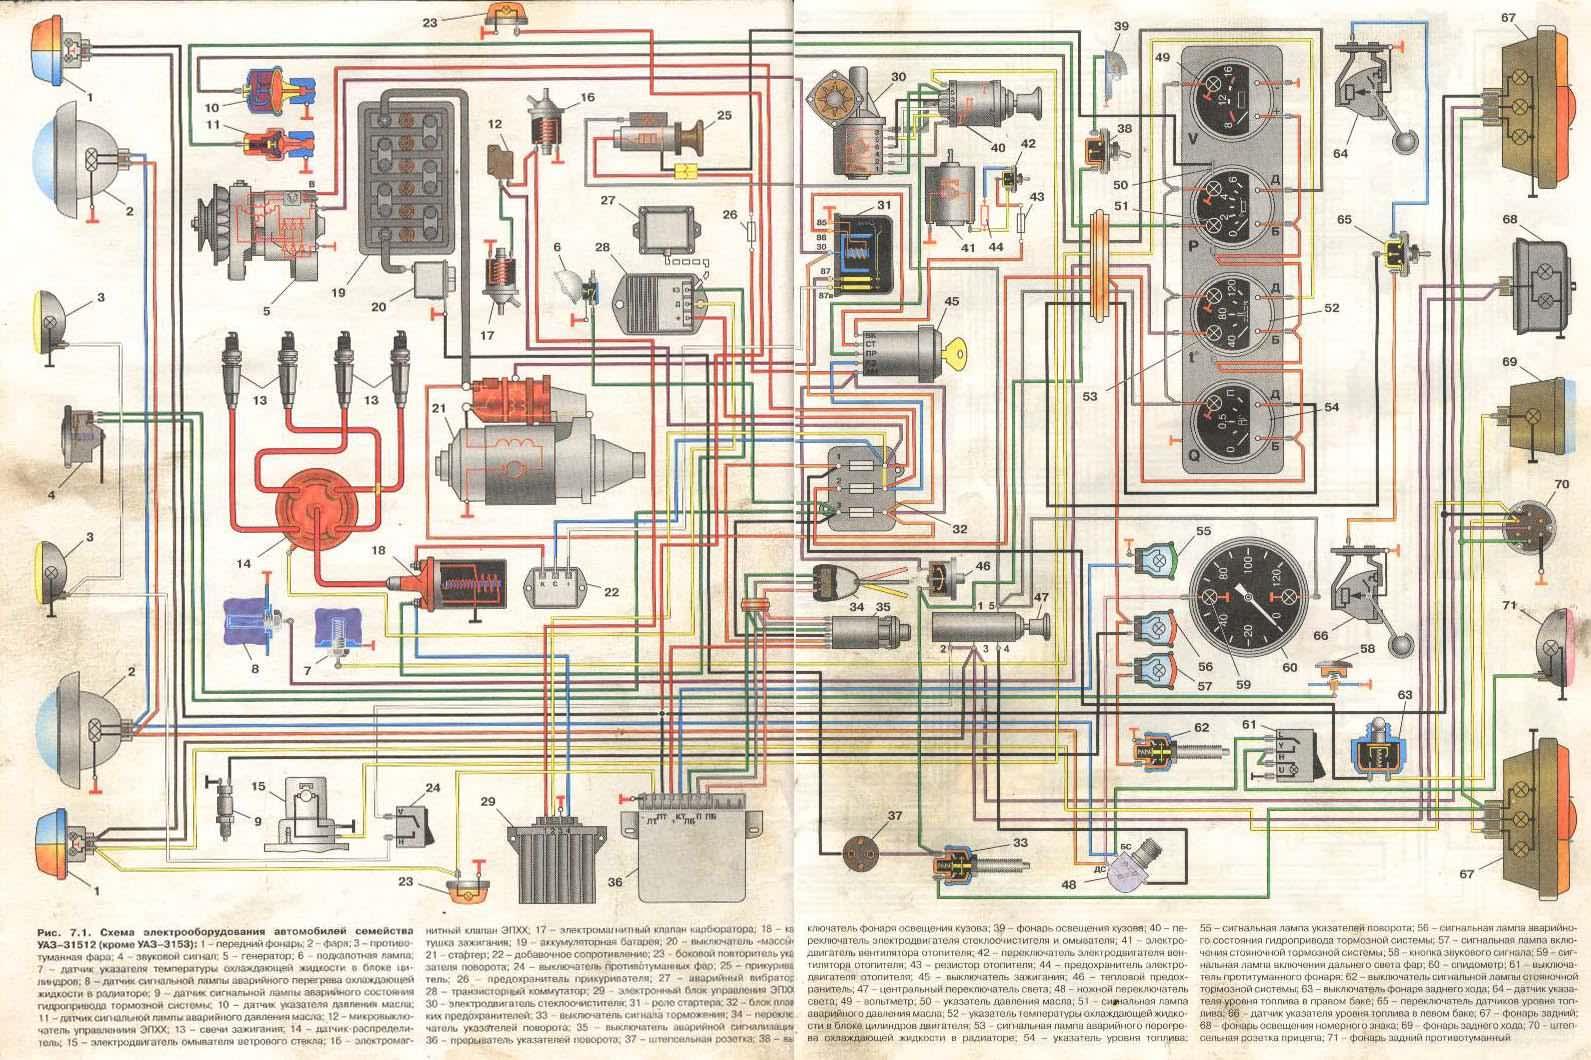 Электрическая схема уаз патриот 2014 фото 710